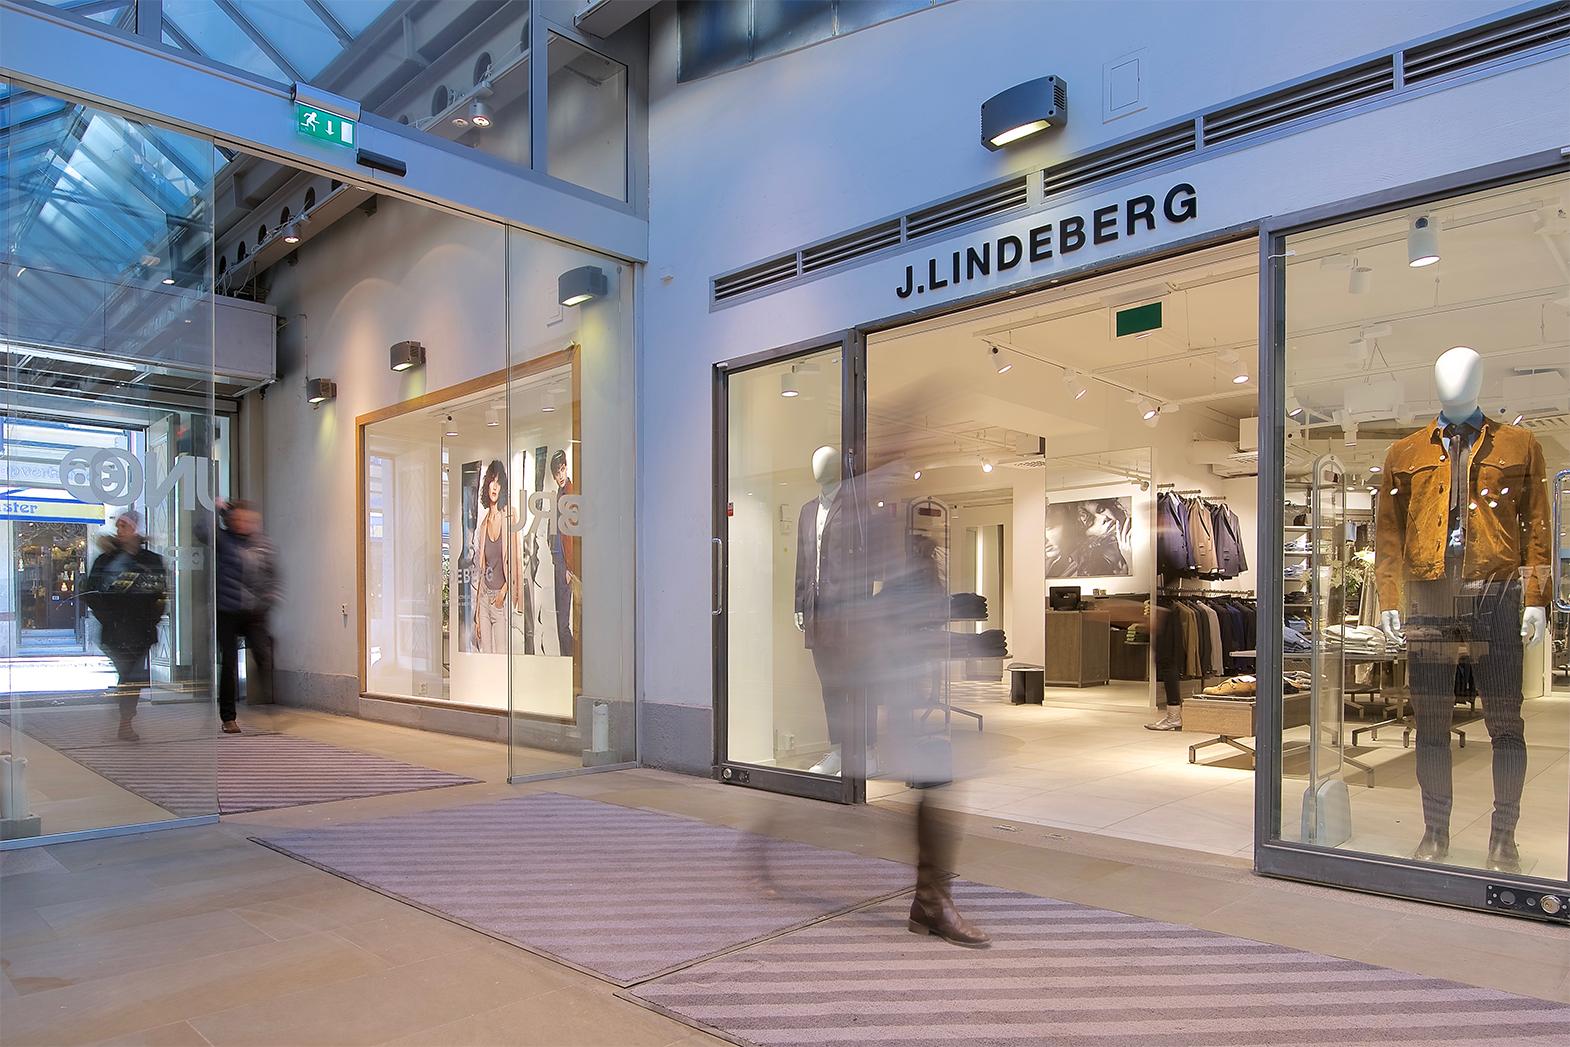 Fotografering av J Lindeberg i Brunogallerian för MGazzo Arkitektur